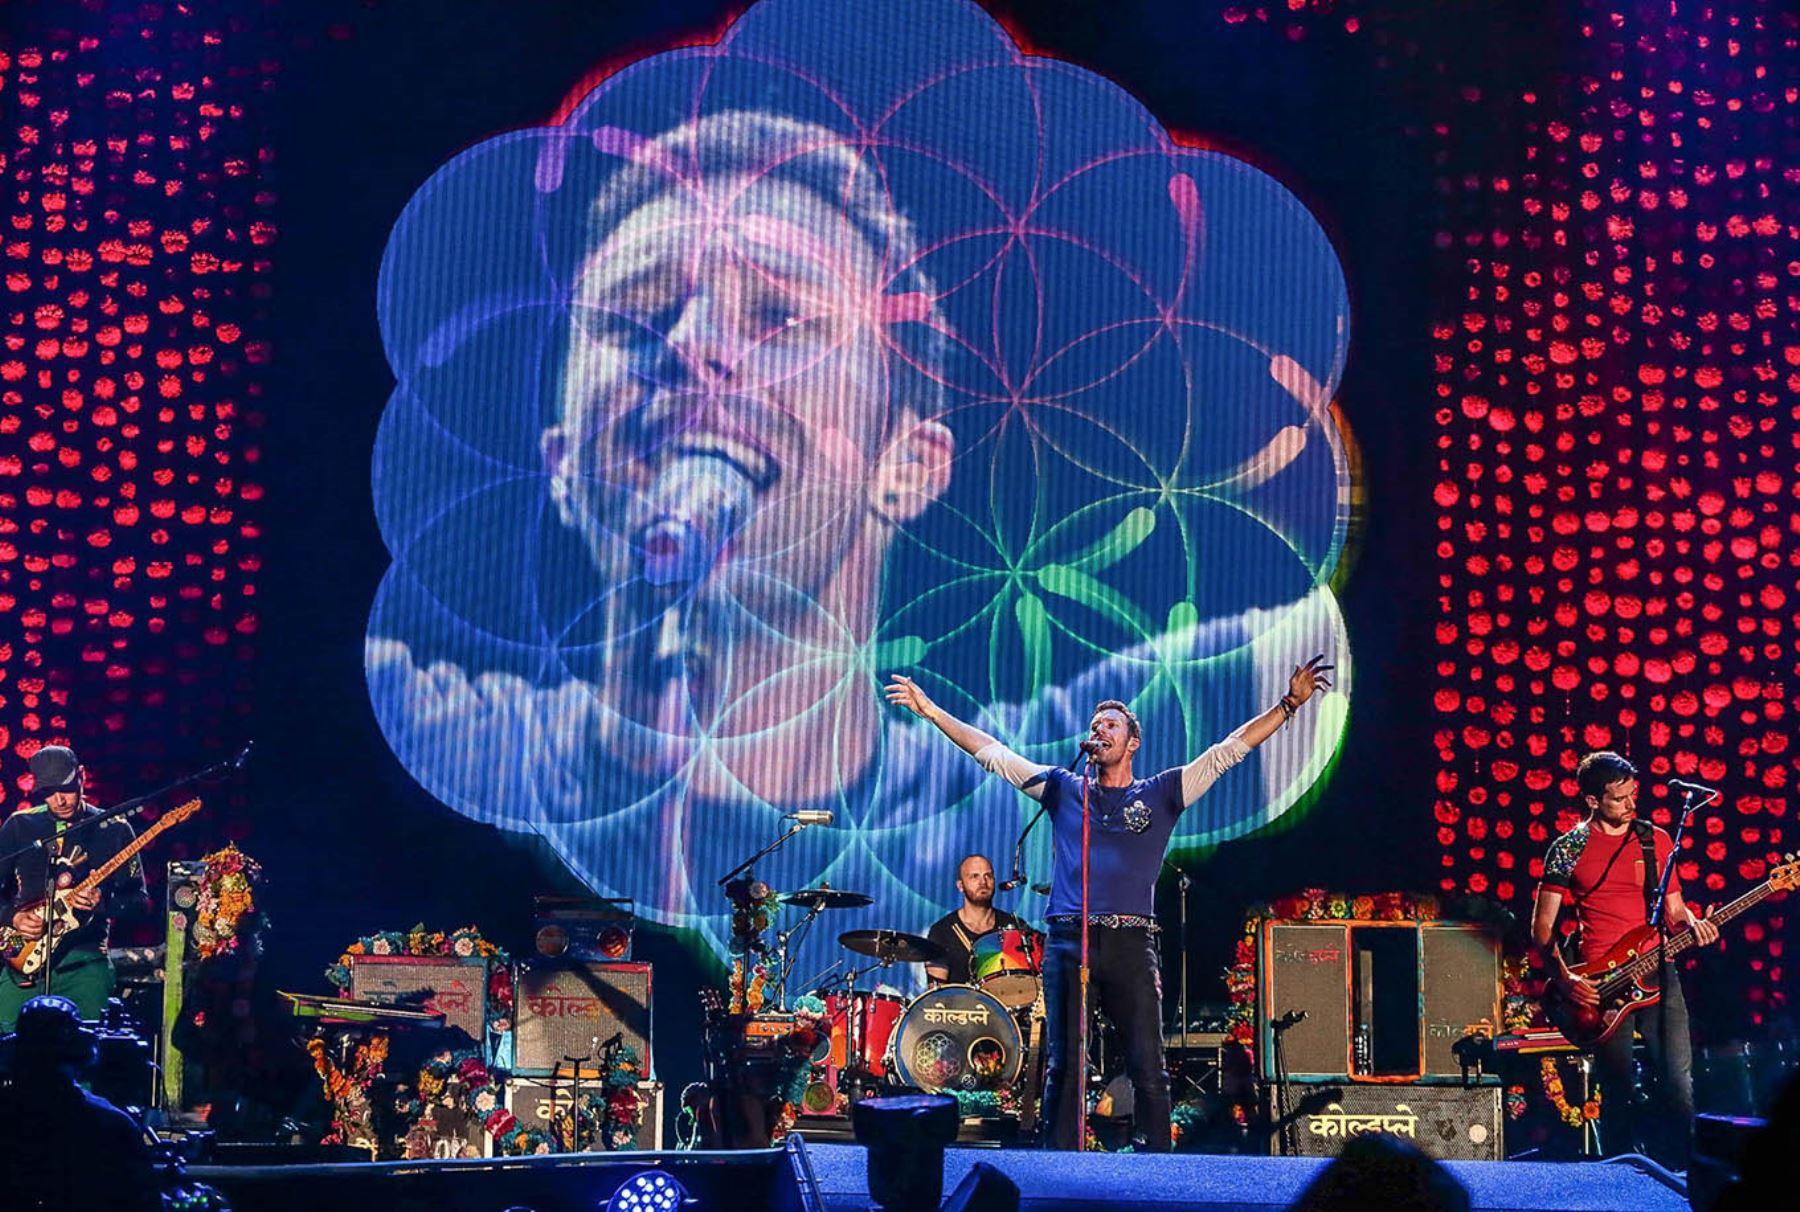 LIMA, PERÚ - ABRIL 05. Concierto de Coldplay en Lima. Foto: ANDINA/Carlos Lezama